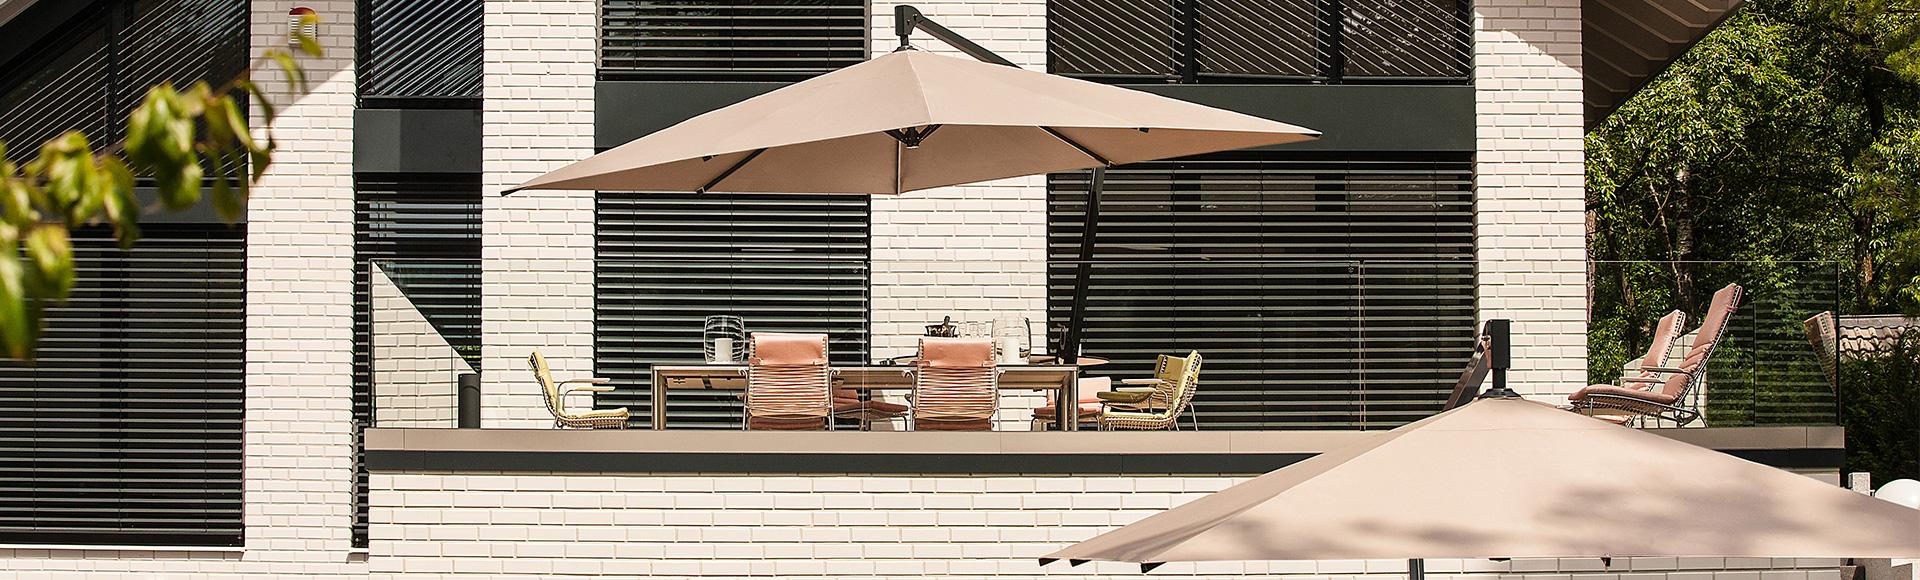 Sonnenschirm Amalfi Garten Balkon